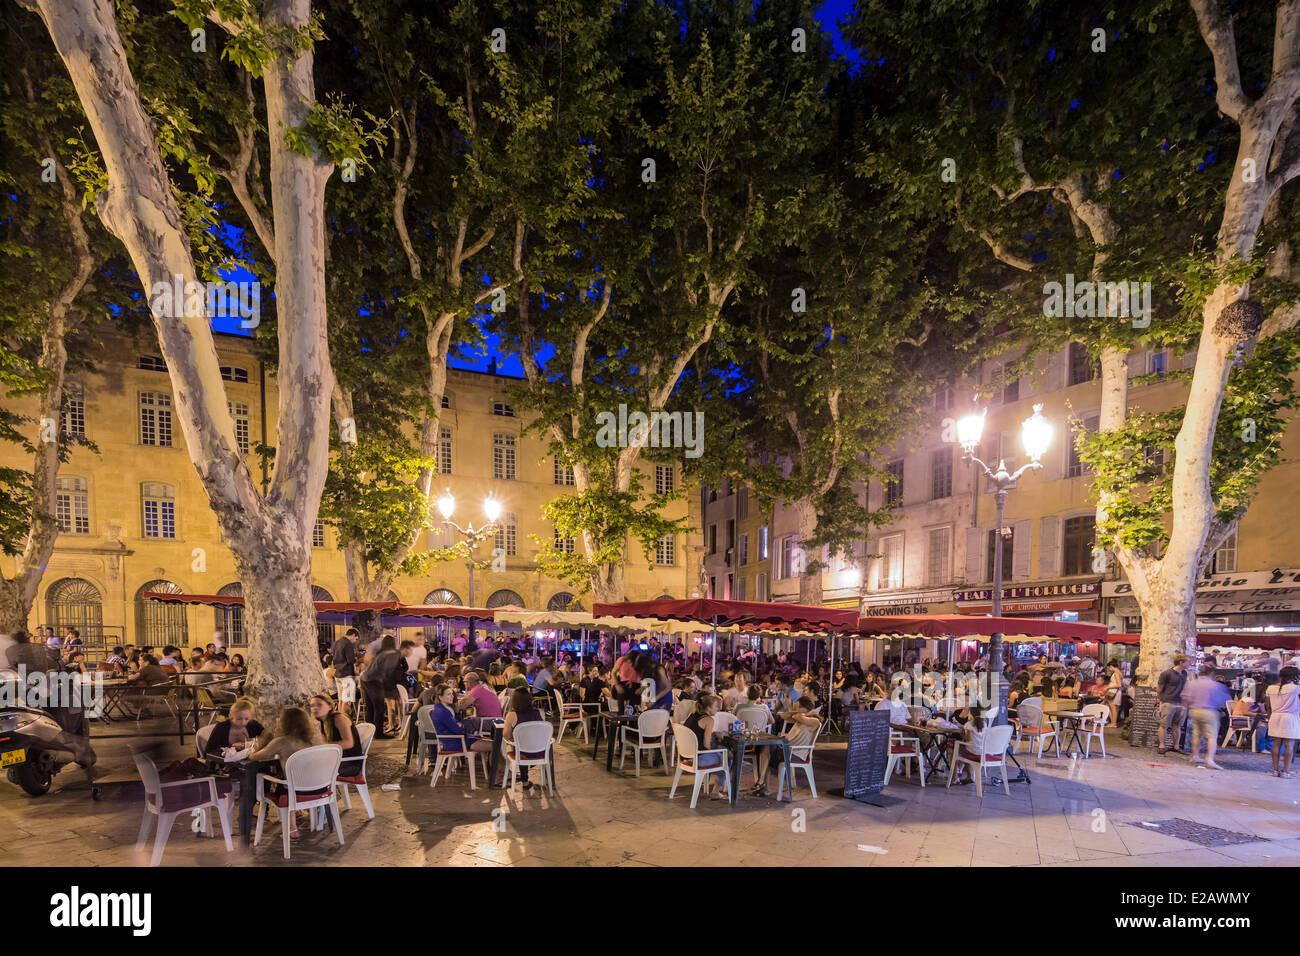 France, Bouches du Rhone, Aix en Provence, Place Richelme - Stock Image